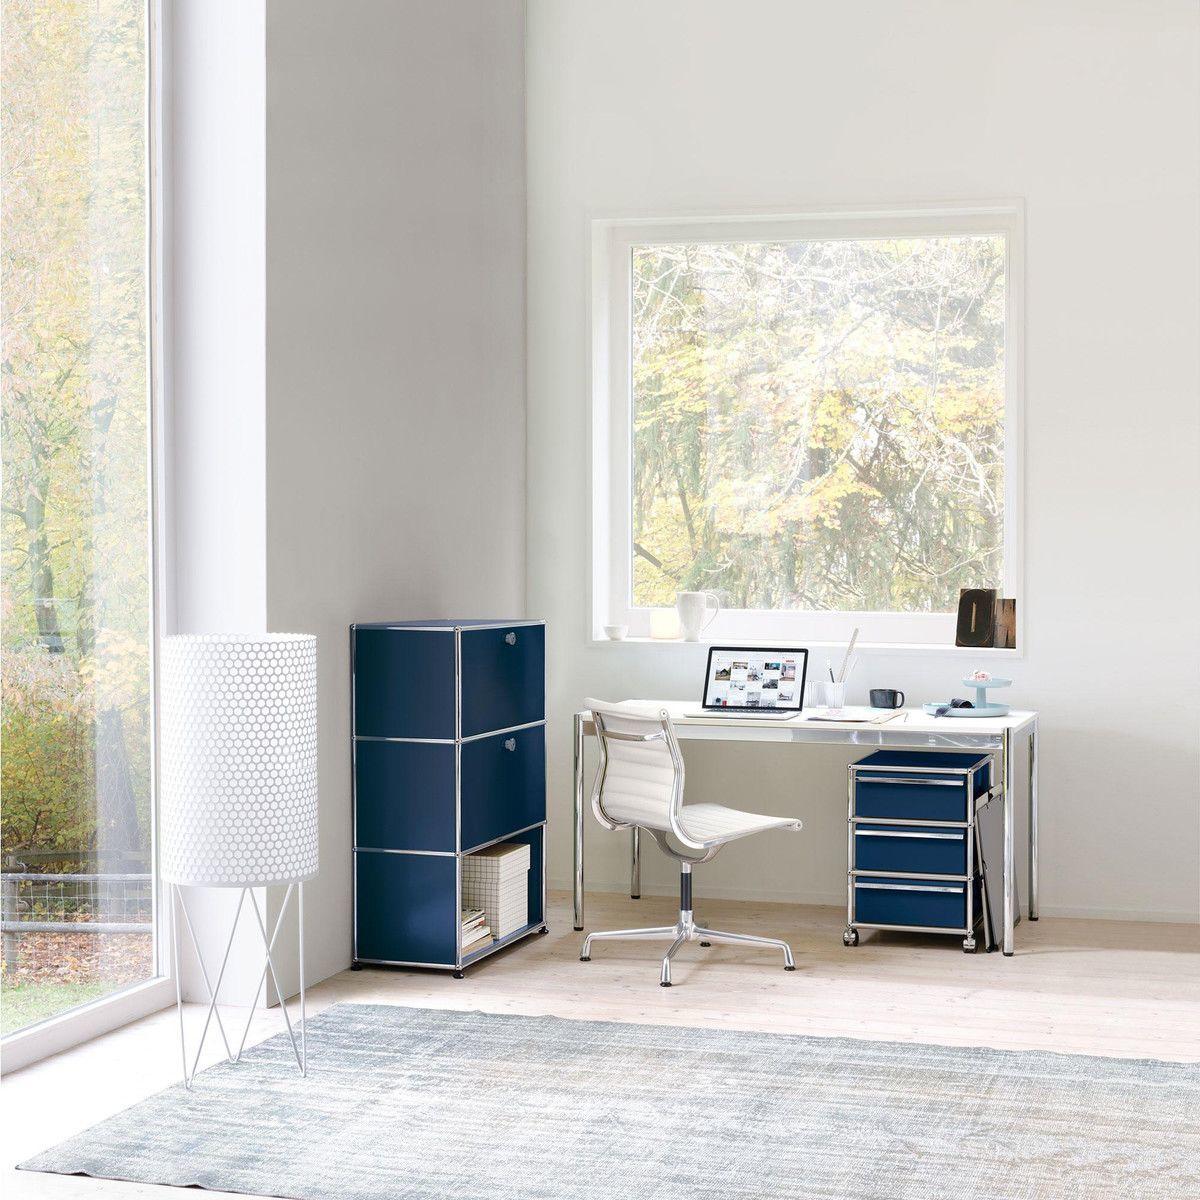 usm tisch 175x75cm usm haller. Black Bedroom Furniture Sets. Home Design Ideas